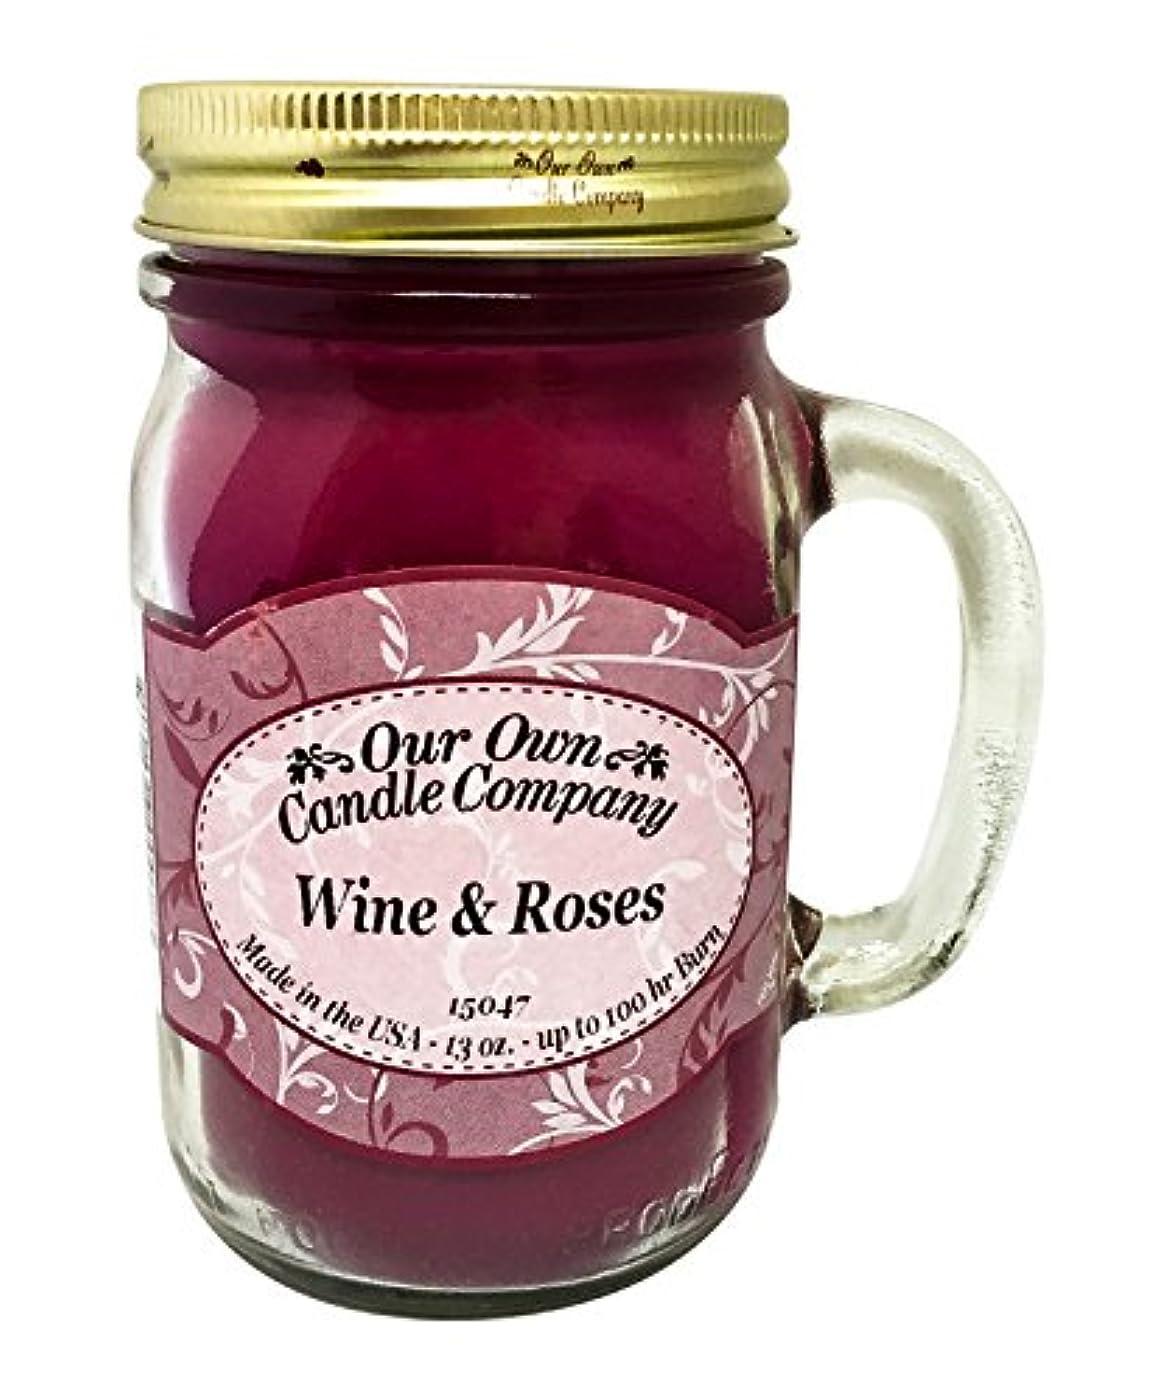 ラッシュ正当化するマザーランドアロマキャンドル メイソンジャー ワイン&ローズ ビッグ Our Own Candle Company Wine&Roses big